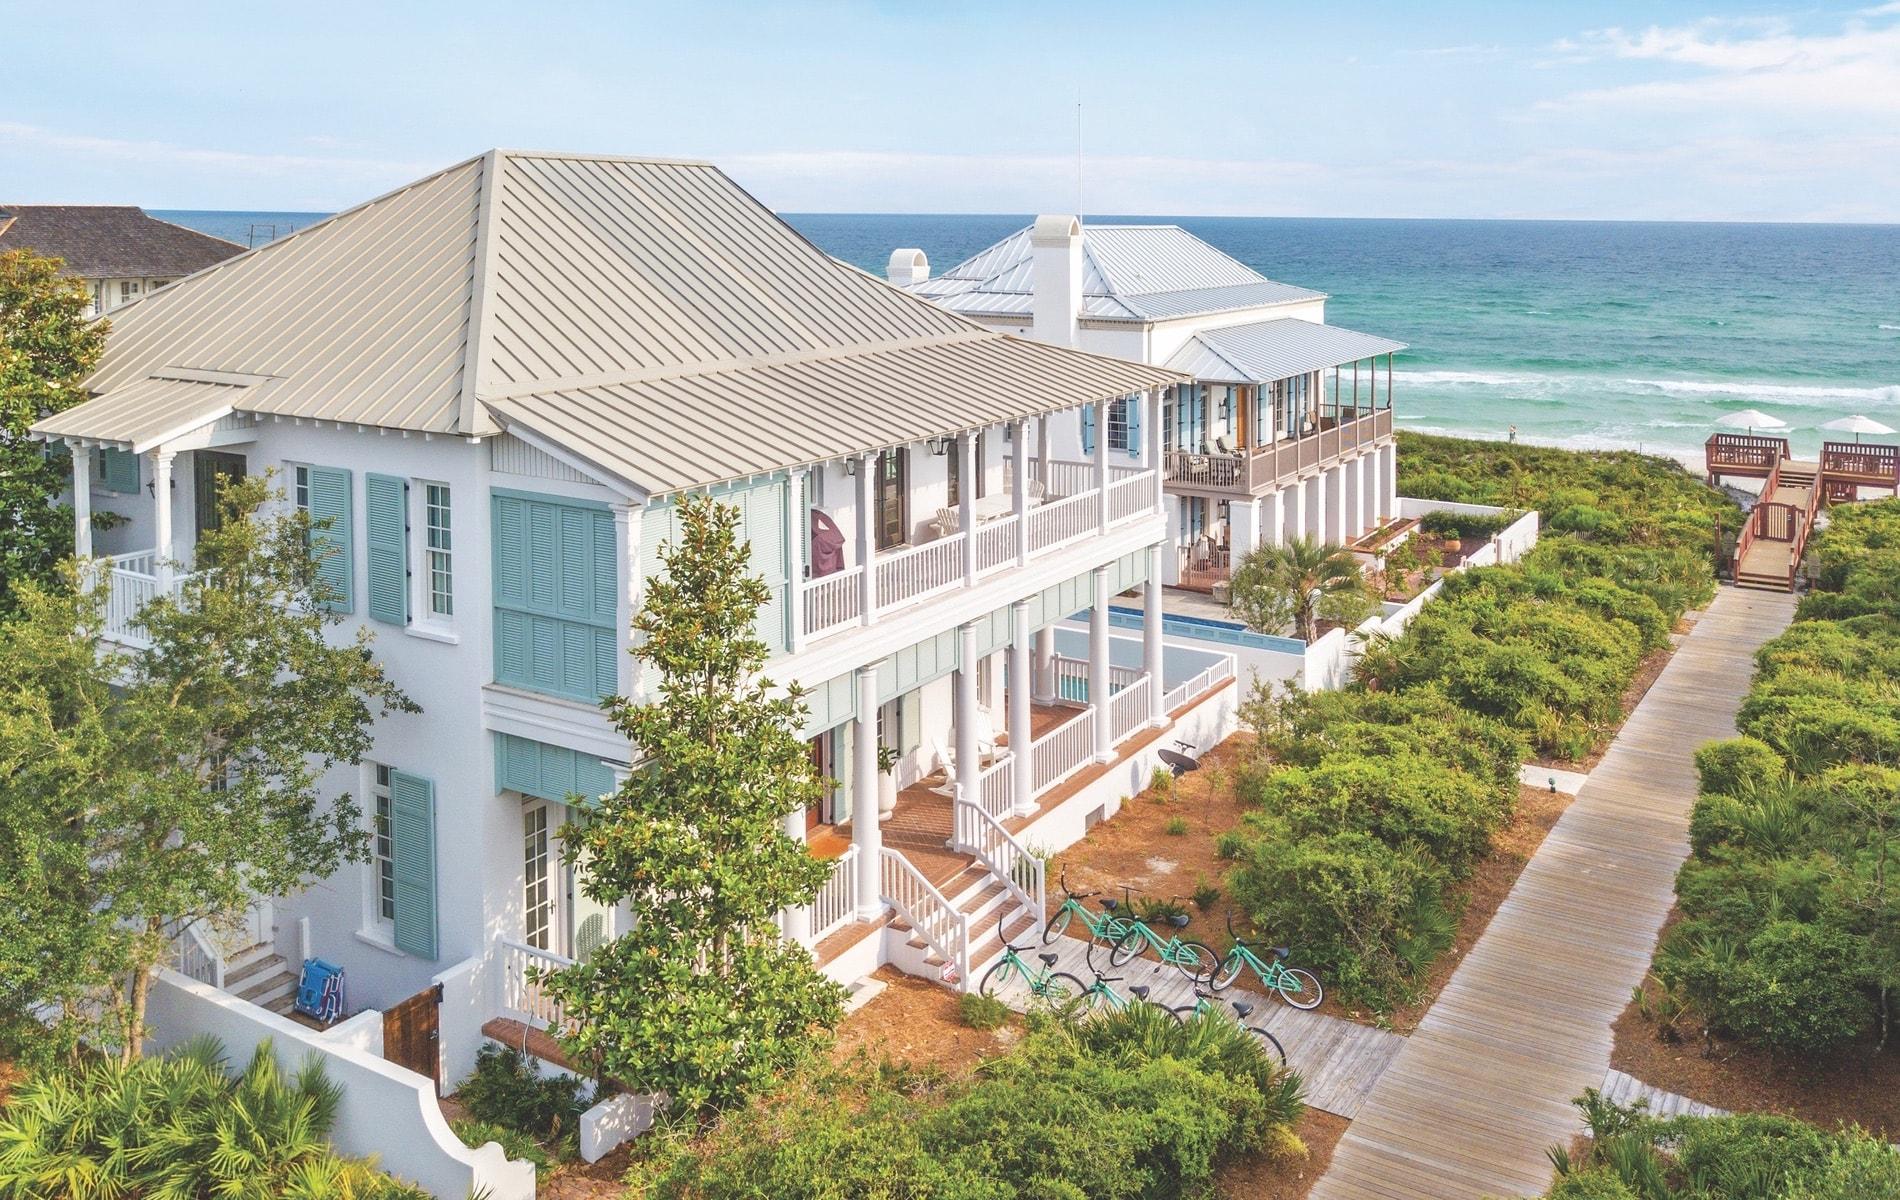 Linda Miller Real Estate, Rosemary Beach